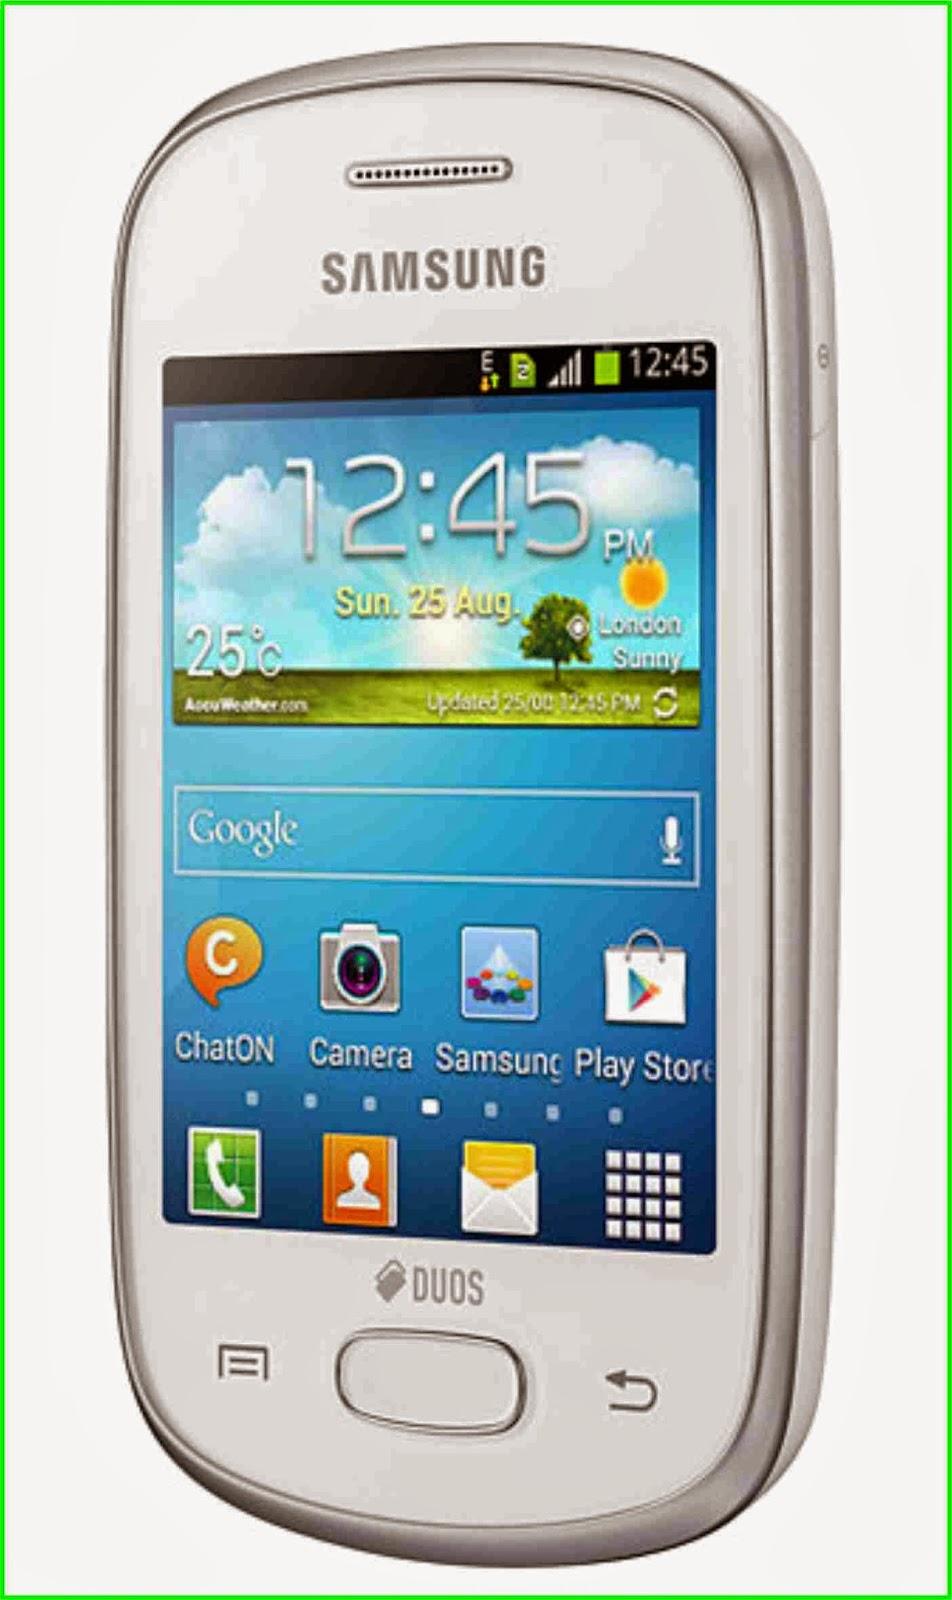 Mengenal Mobile Phone Murah Berbasis Android,samsung galaxy star,